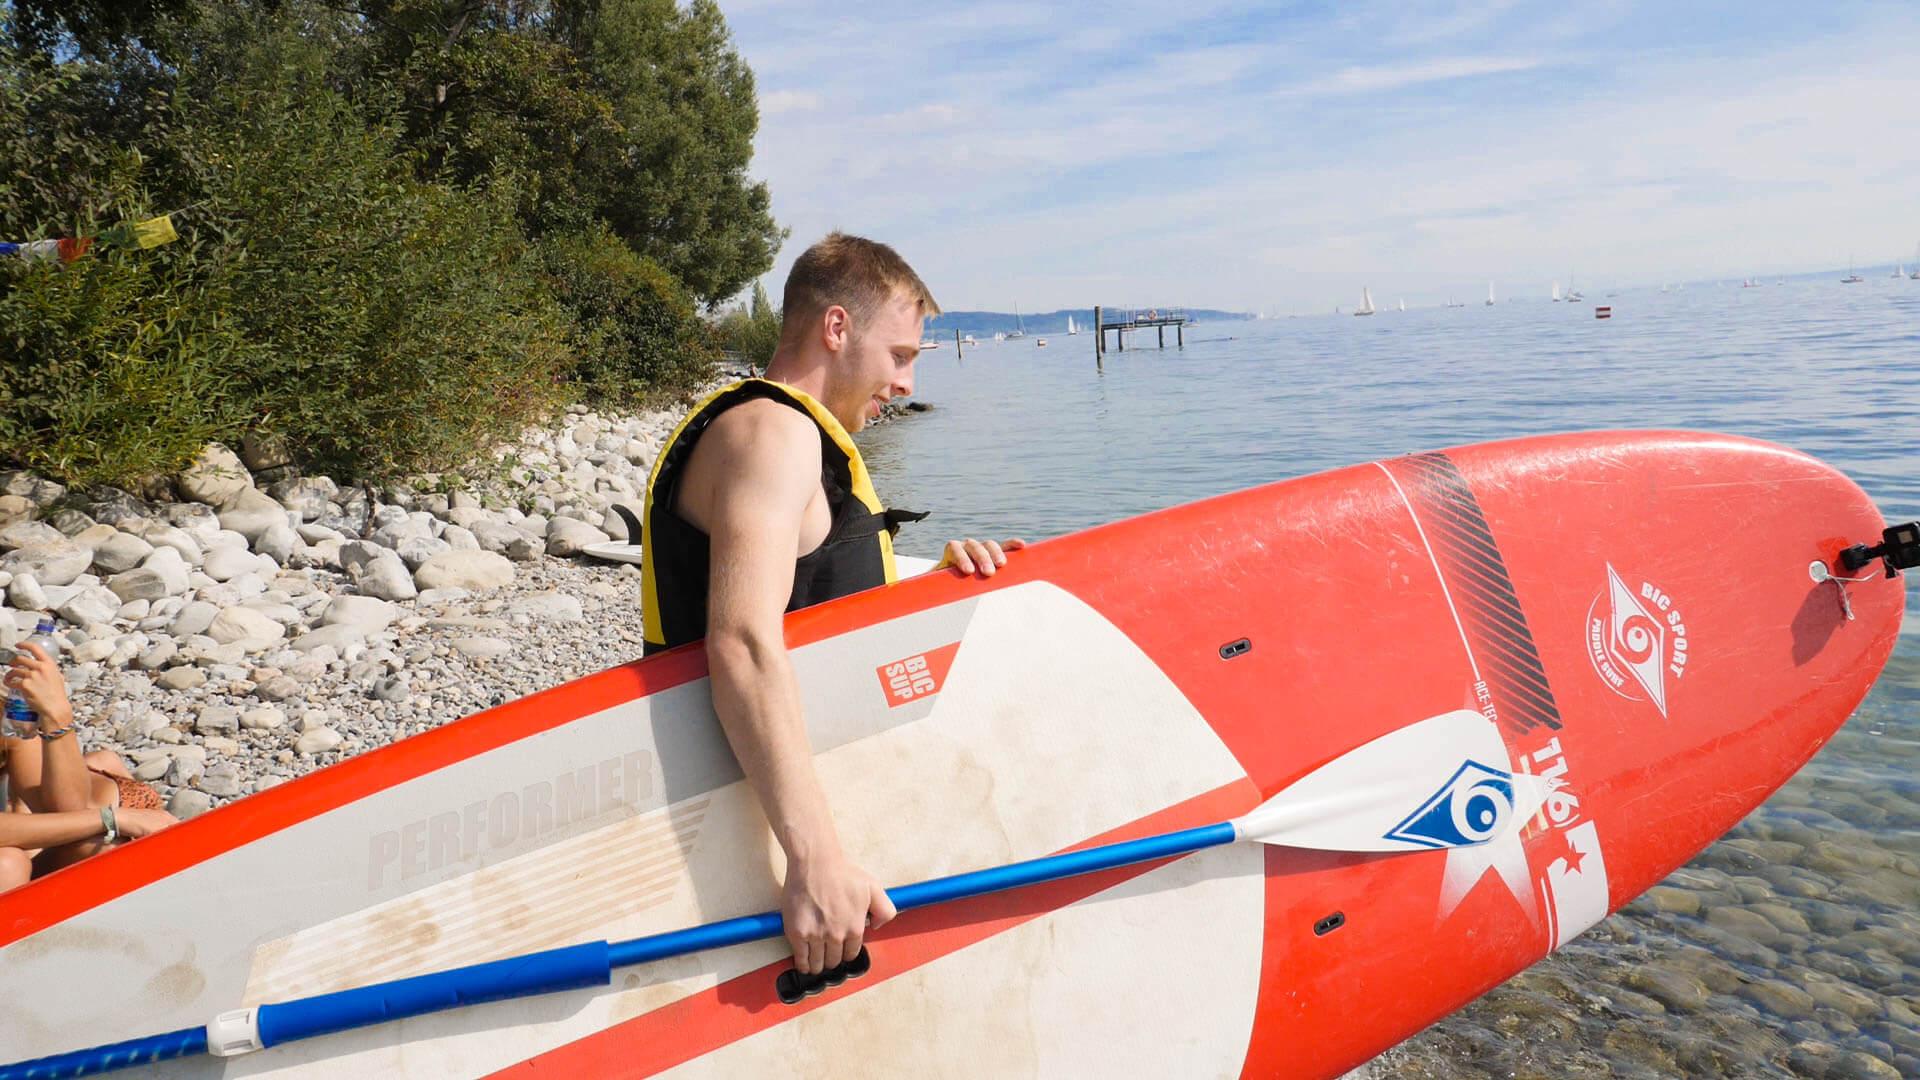 Markus der mit einem Surfbrett gerade in den Bodensee geht